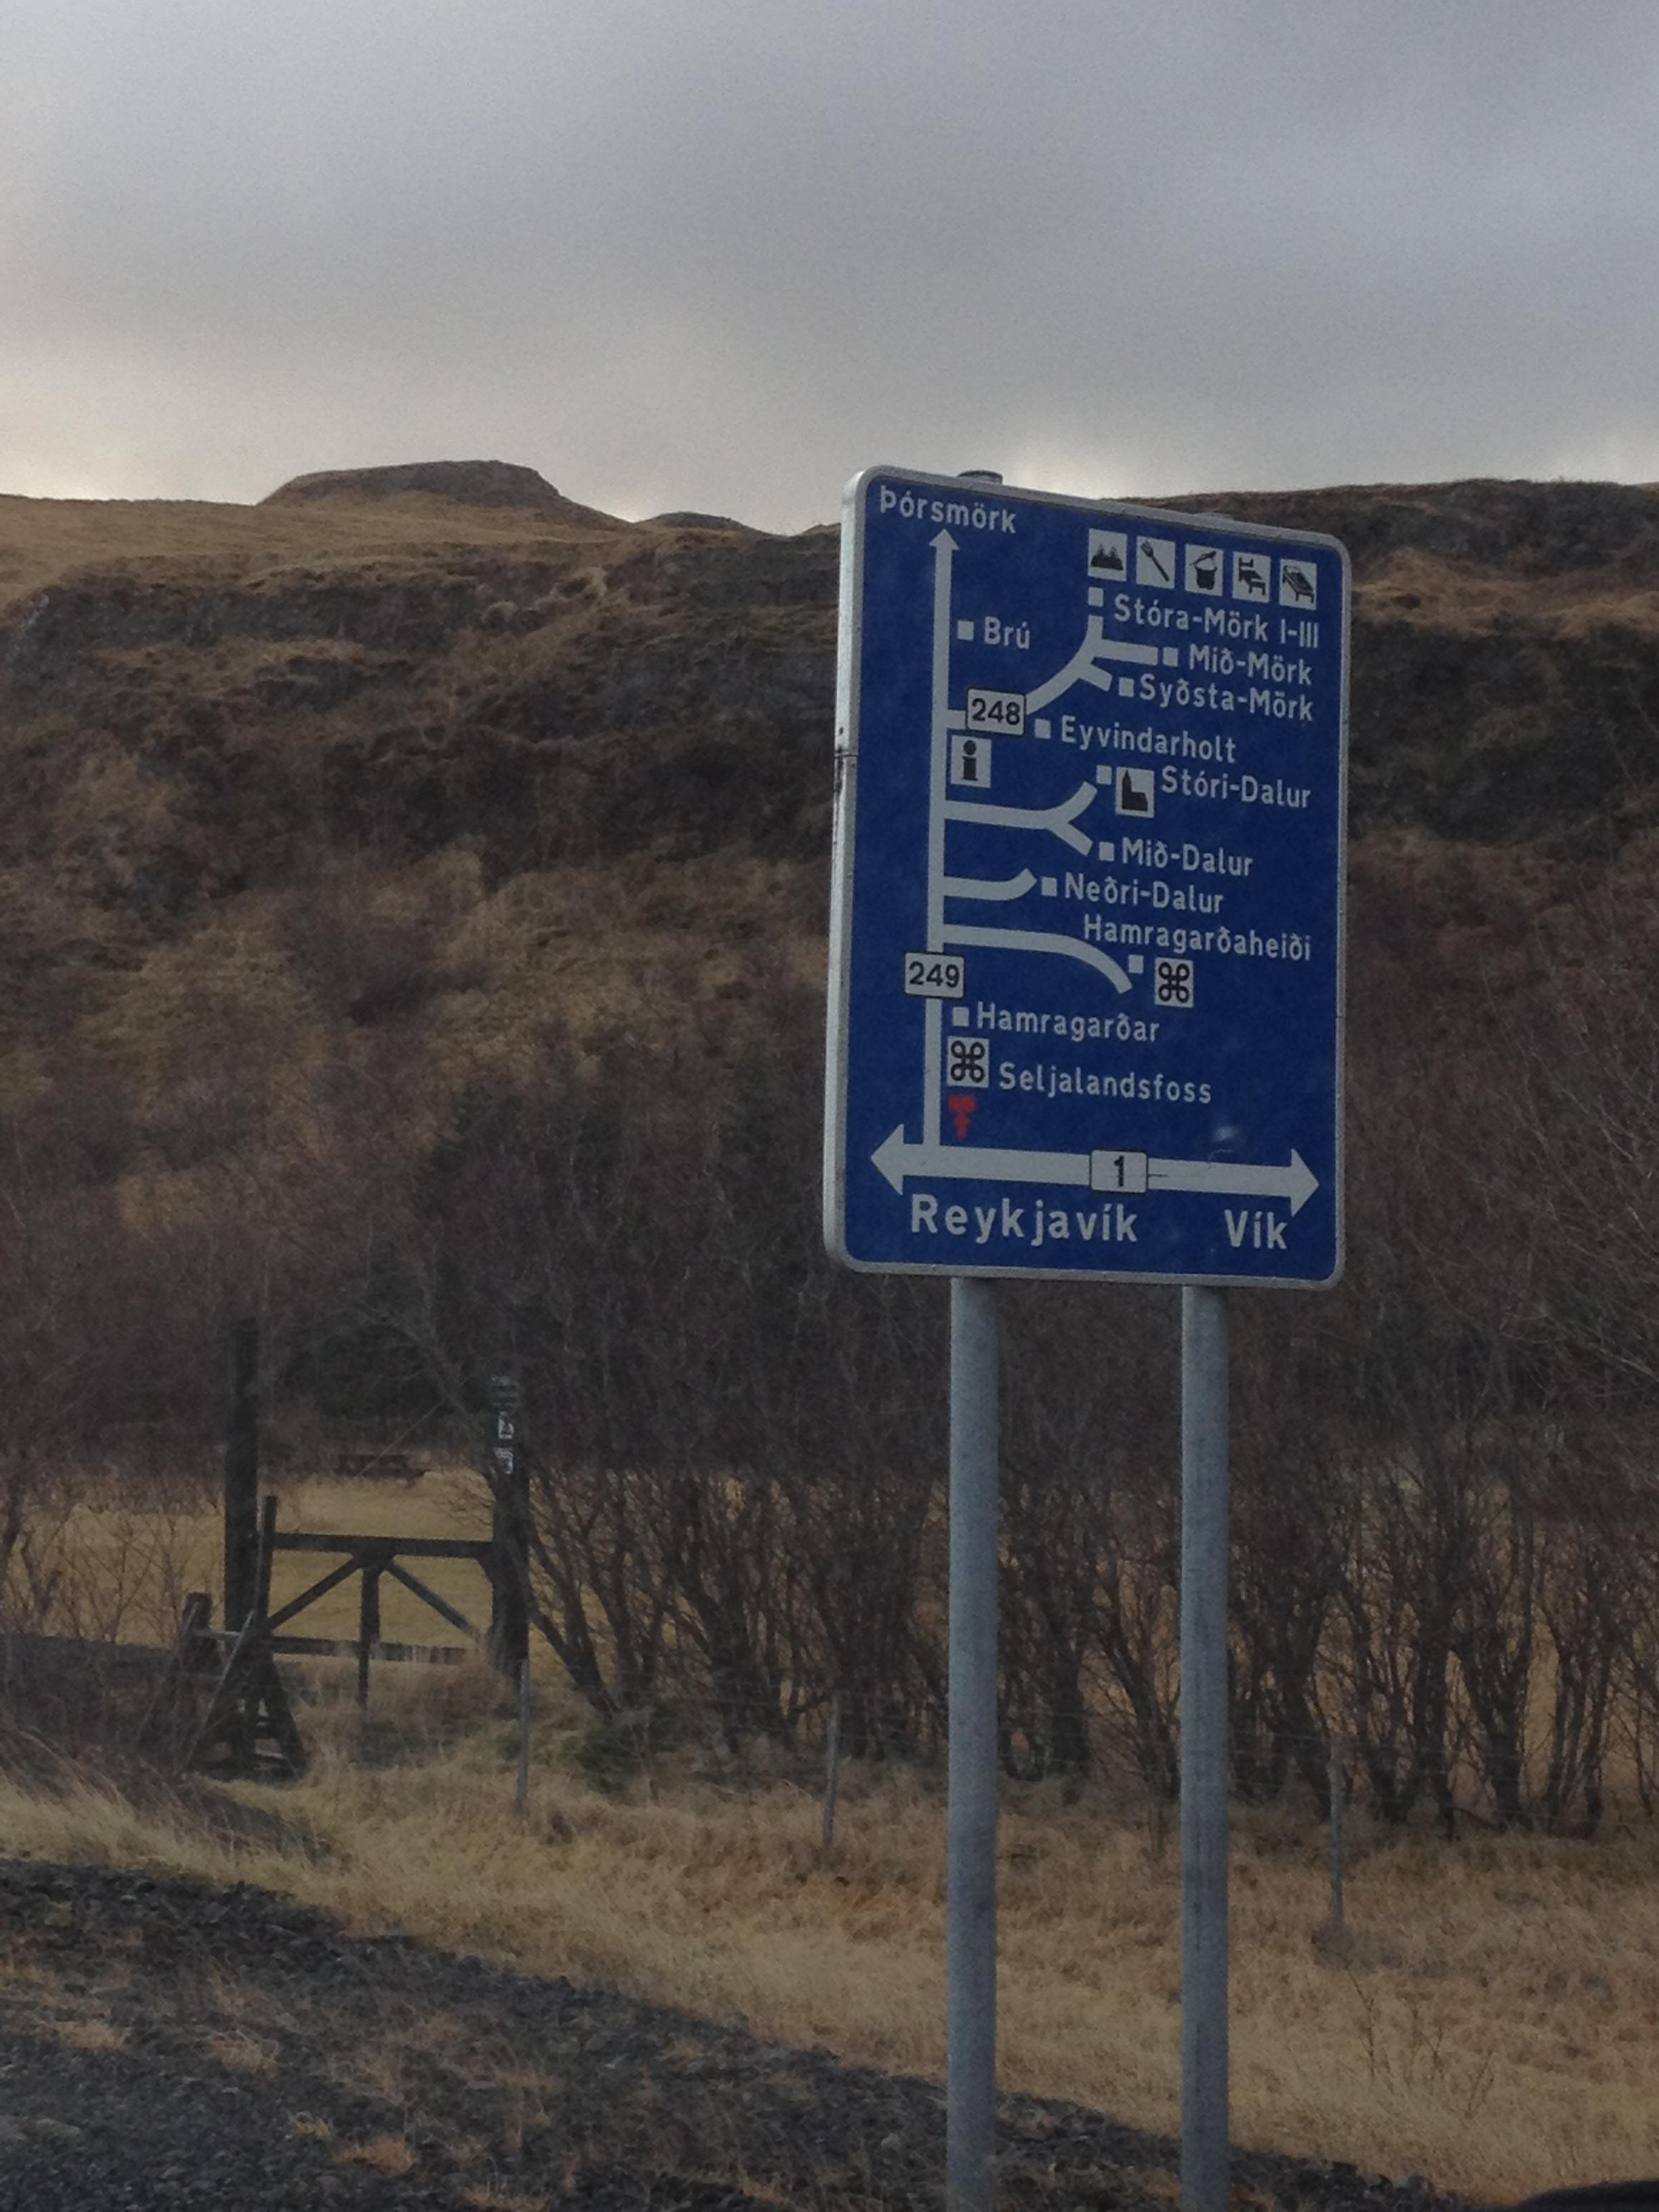 Les panneaux islandais, précisément explicites